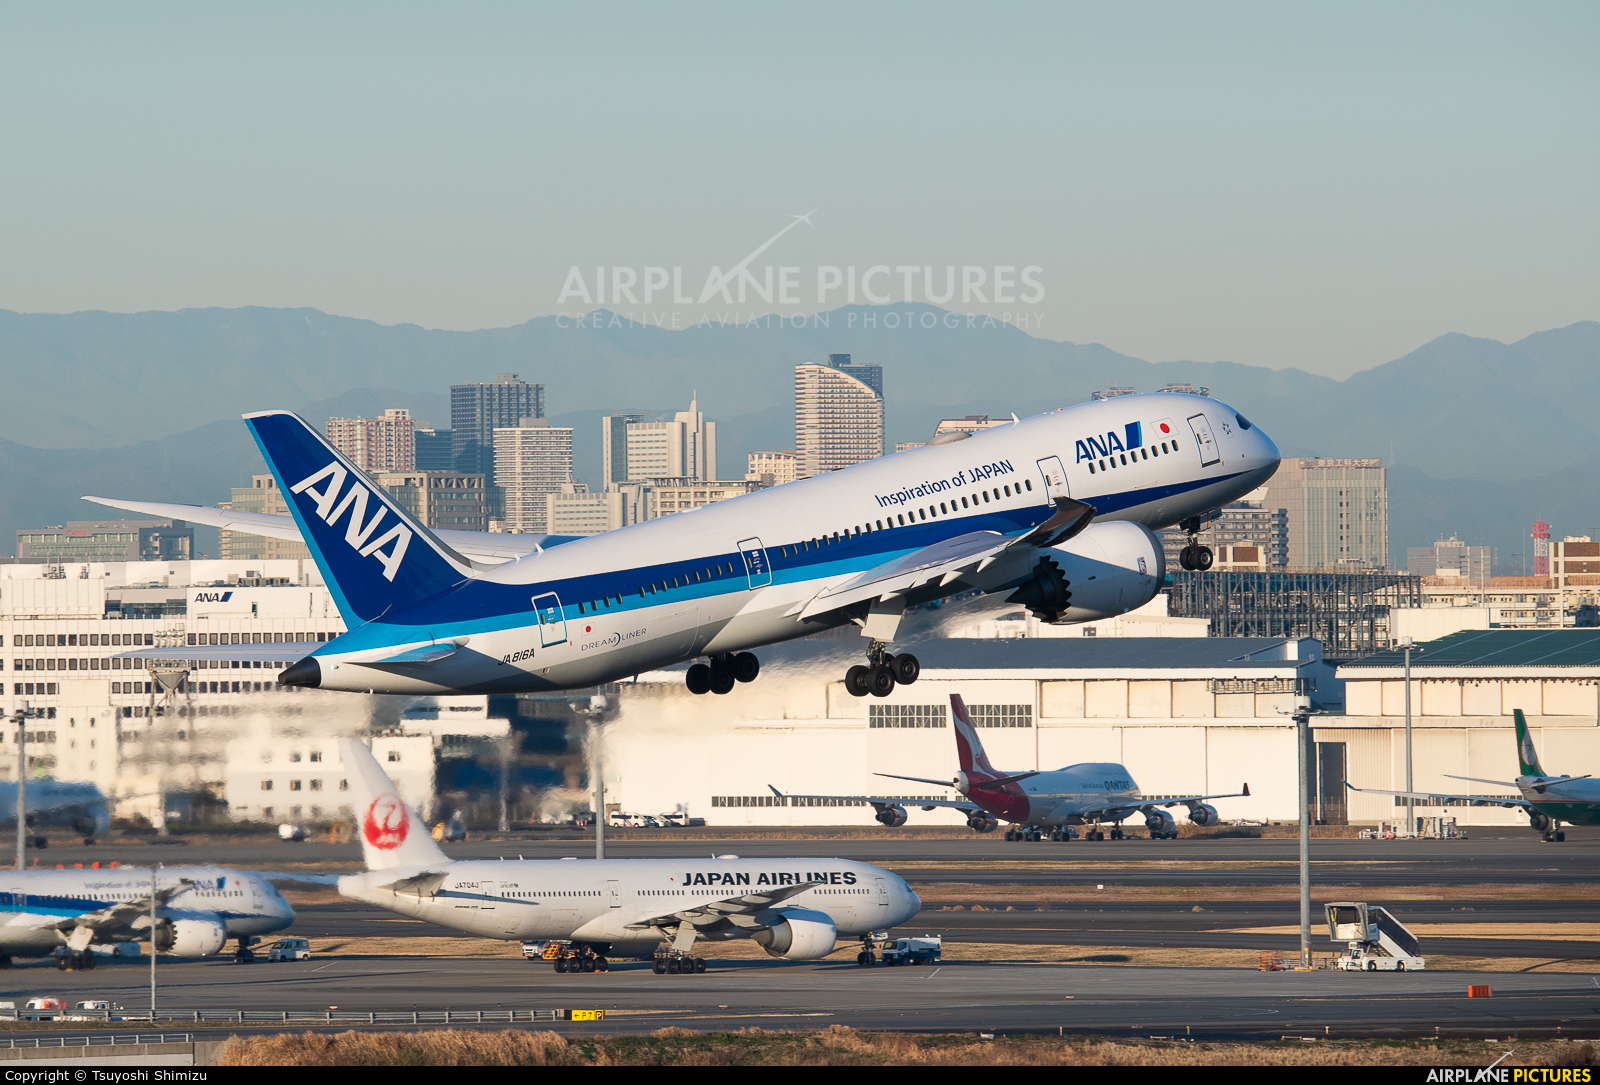 ANA - All Nippon Airways JA816A aircraft at Tokyo - Haneda Intl